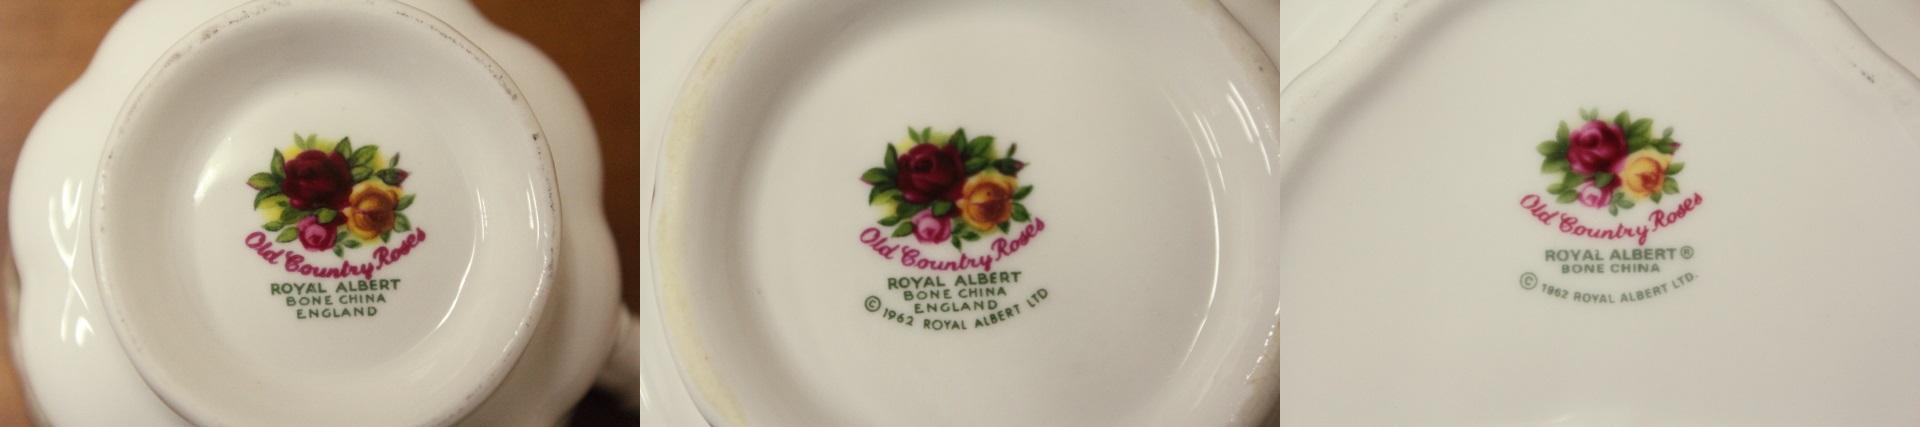 ロイヤルアルバート オールドカントリーローズ Royal Albert Old Country Roses